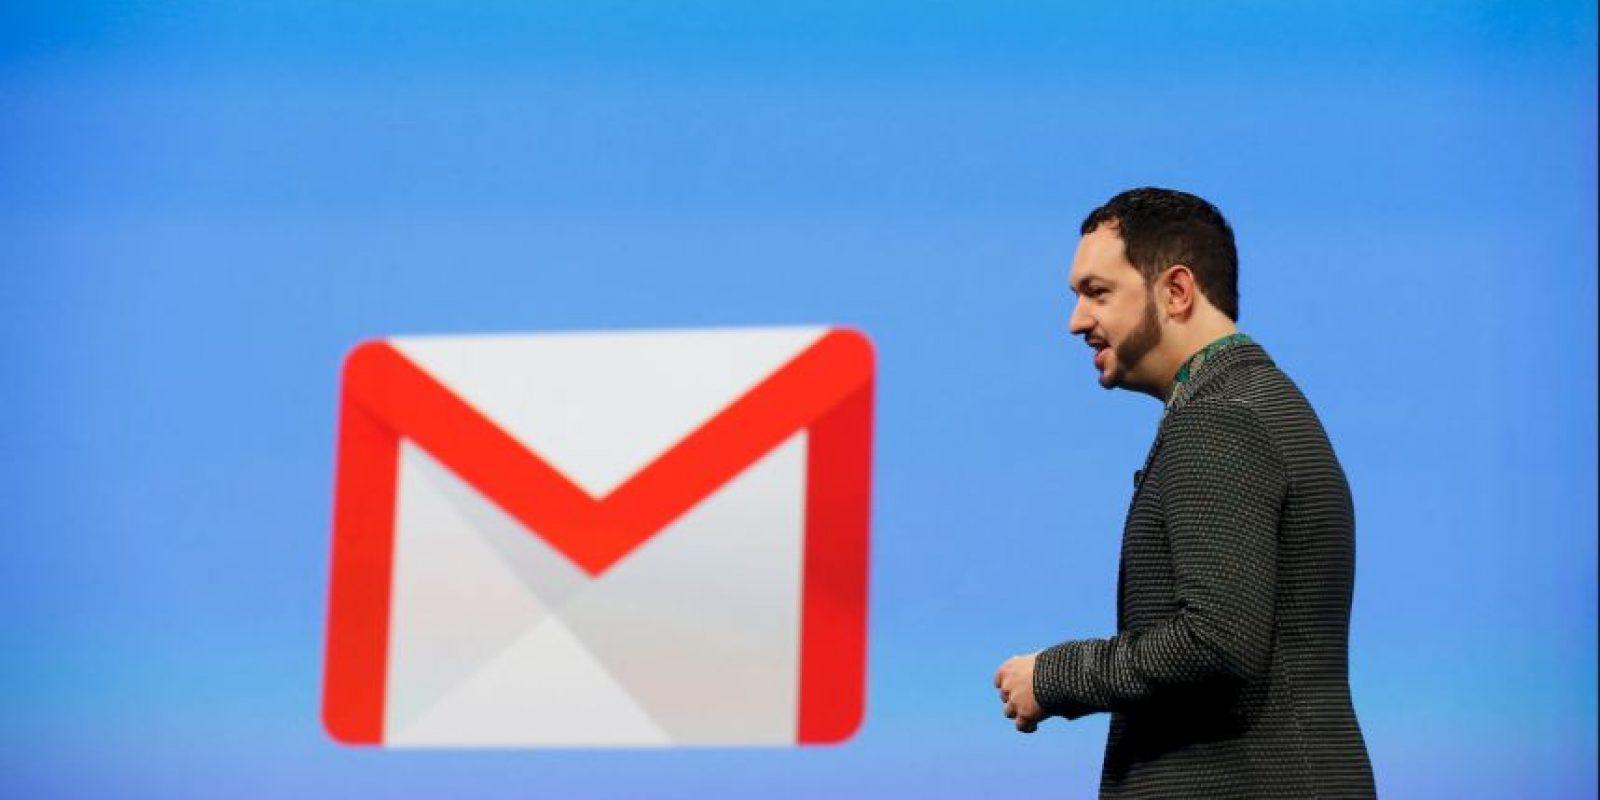 El correo oficial de Google ofrece otras herramientas en línea que lo hacen mucho más que un simple email. Foto:Getty Images